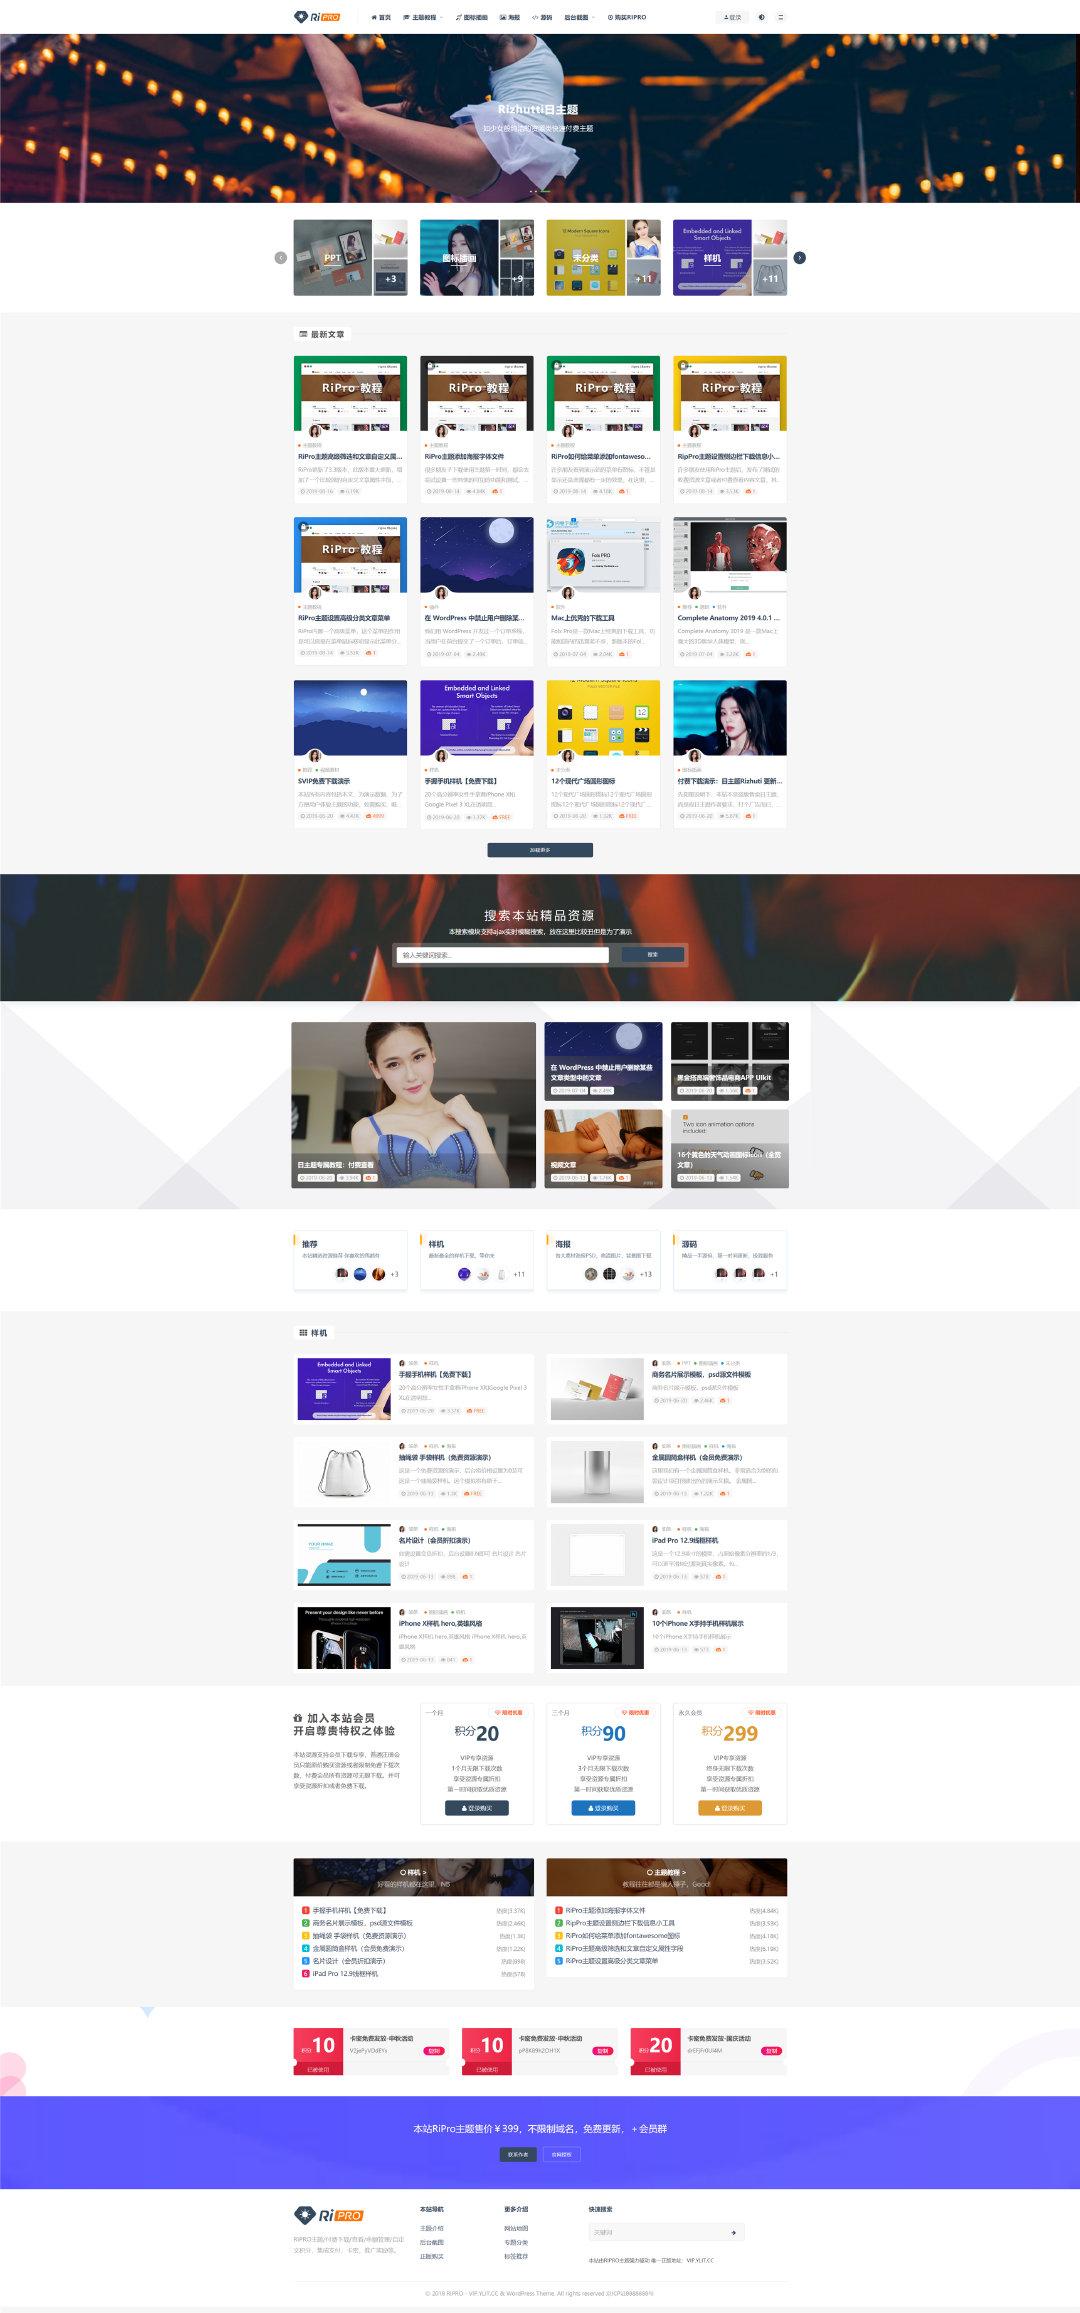 日主题系列主题推荐,RIPRO主题帮你变现的WordPress主题